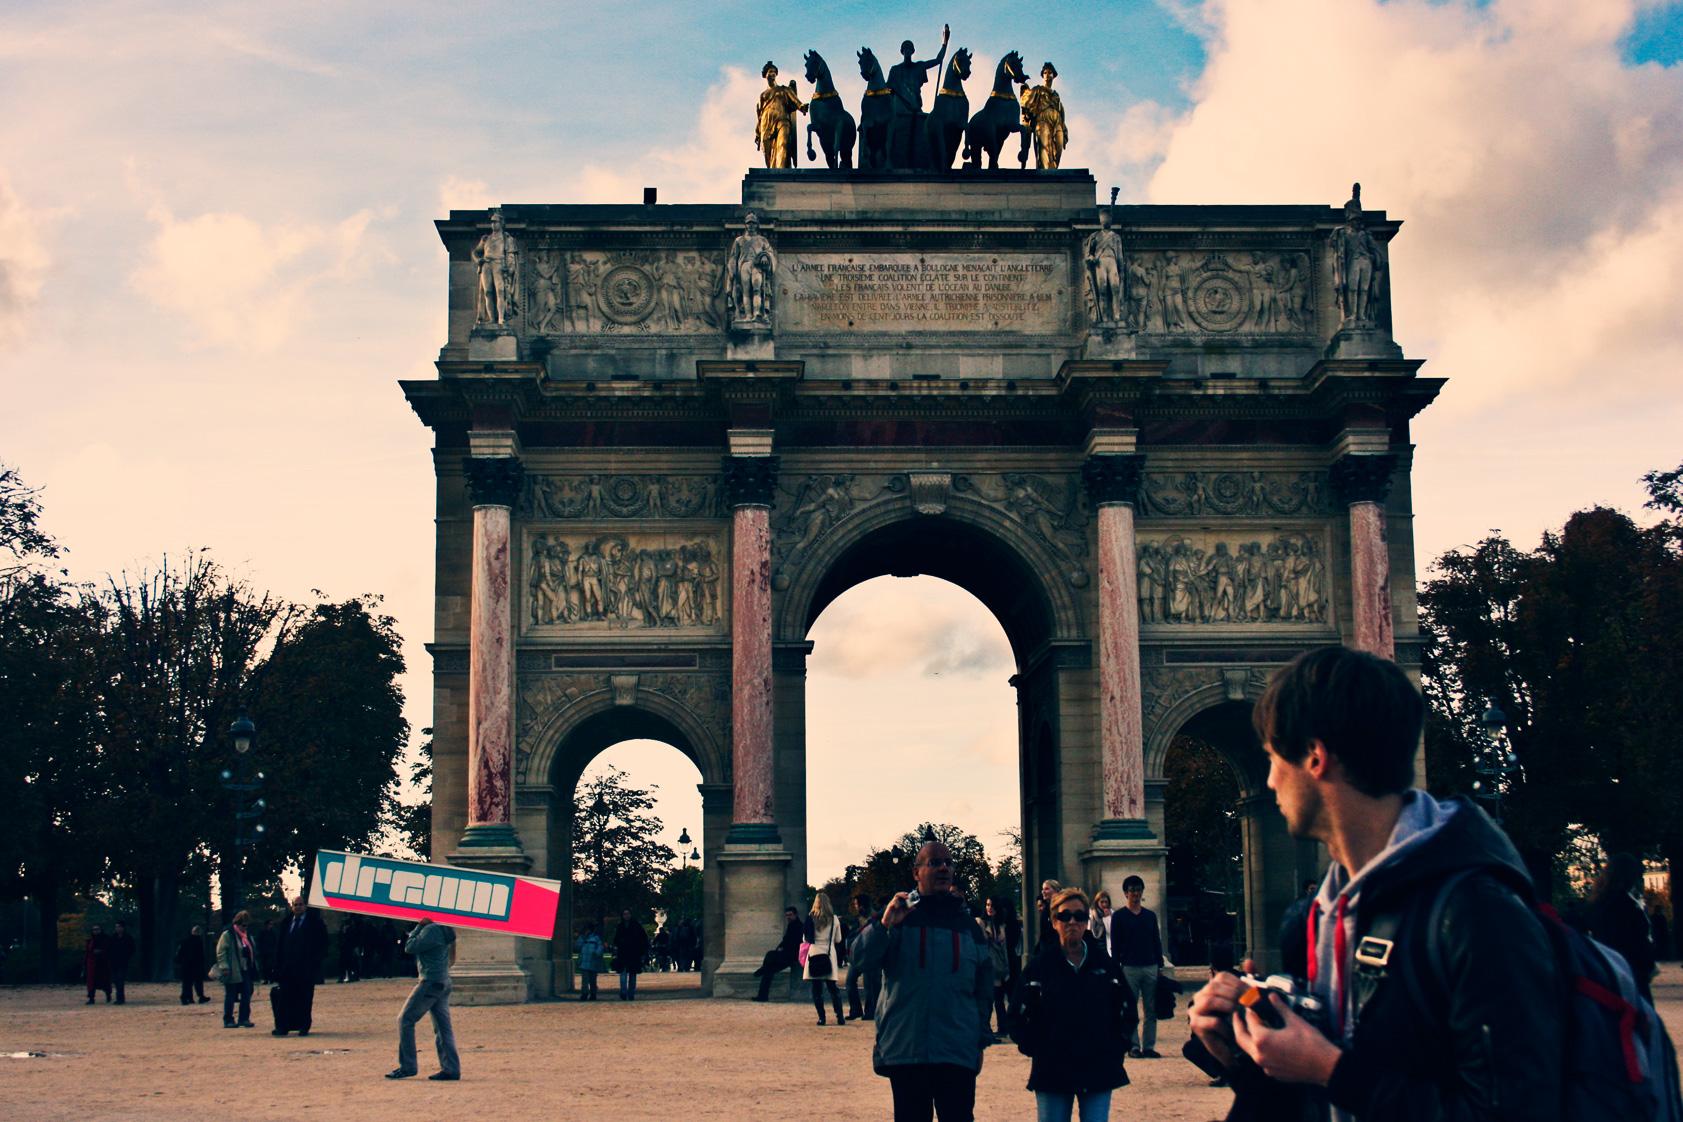 Arc de Triomphe du Carrousel_dream_Paris_by_camilo_rojas_paris (9)_o.jpg